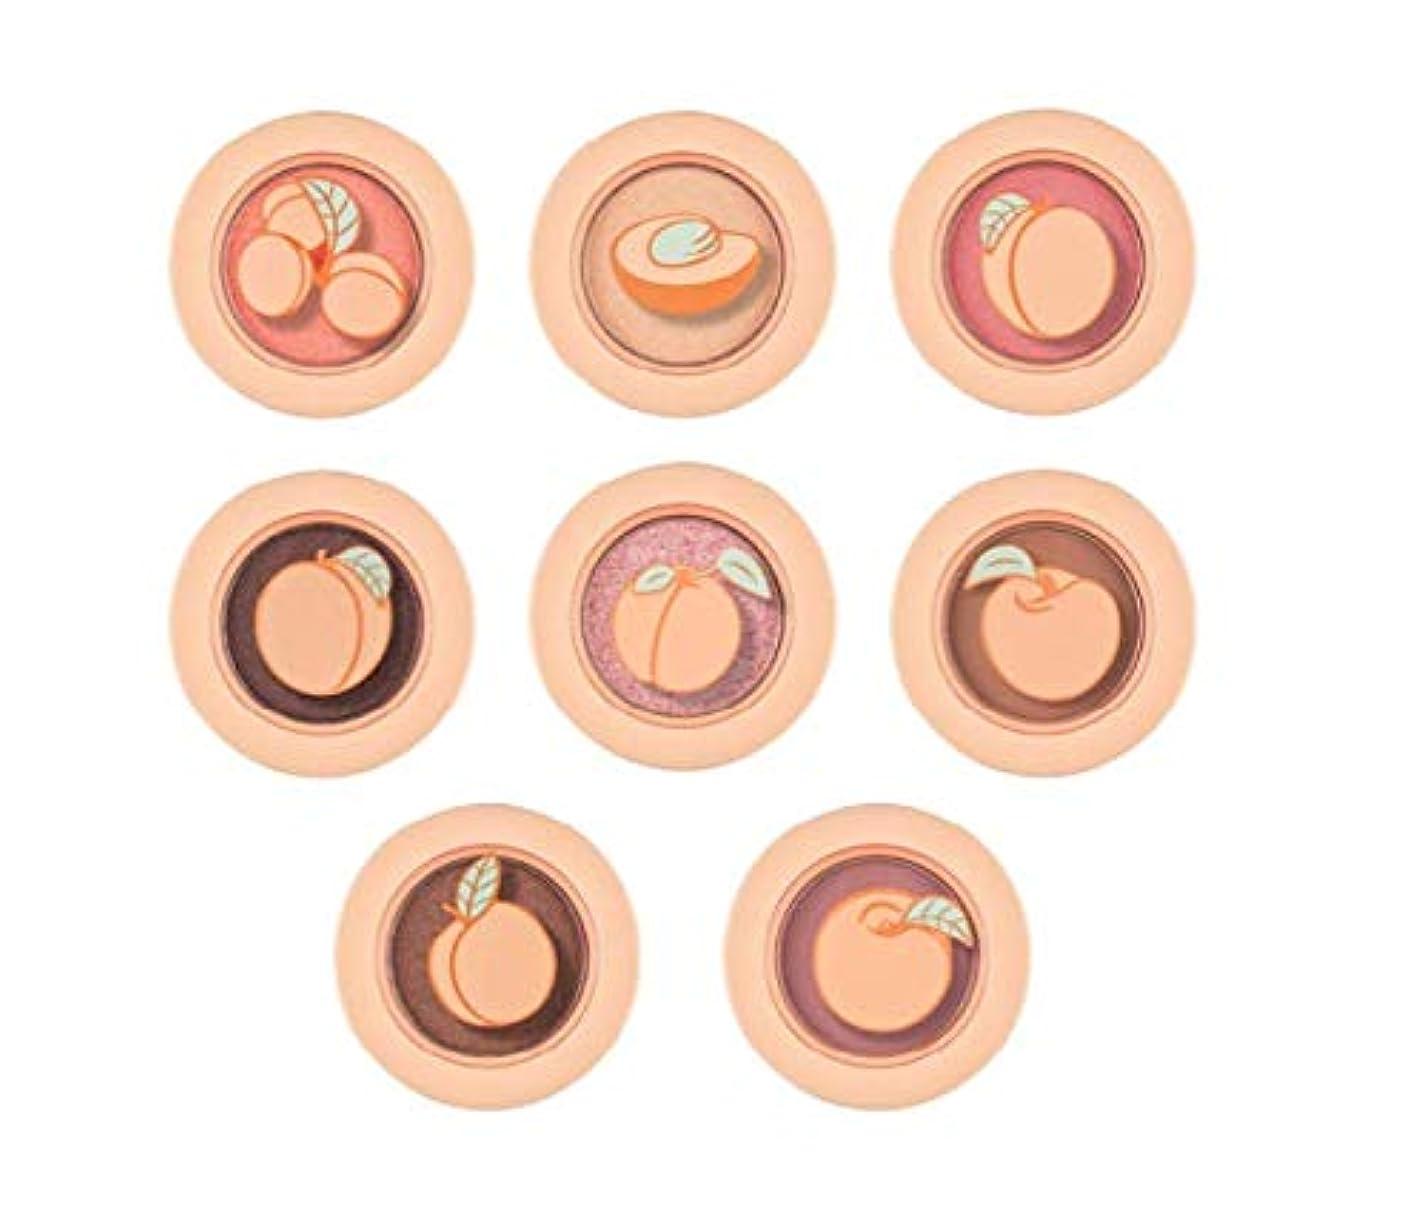 トロピカル添加剤軍団【アリタウム.aritaum](公式)モノアイズアプリコットコレクション/mono eyes collection (M21)